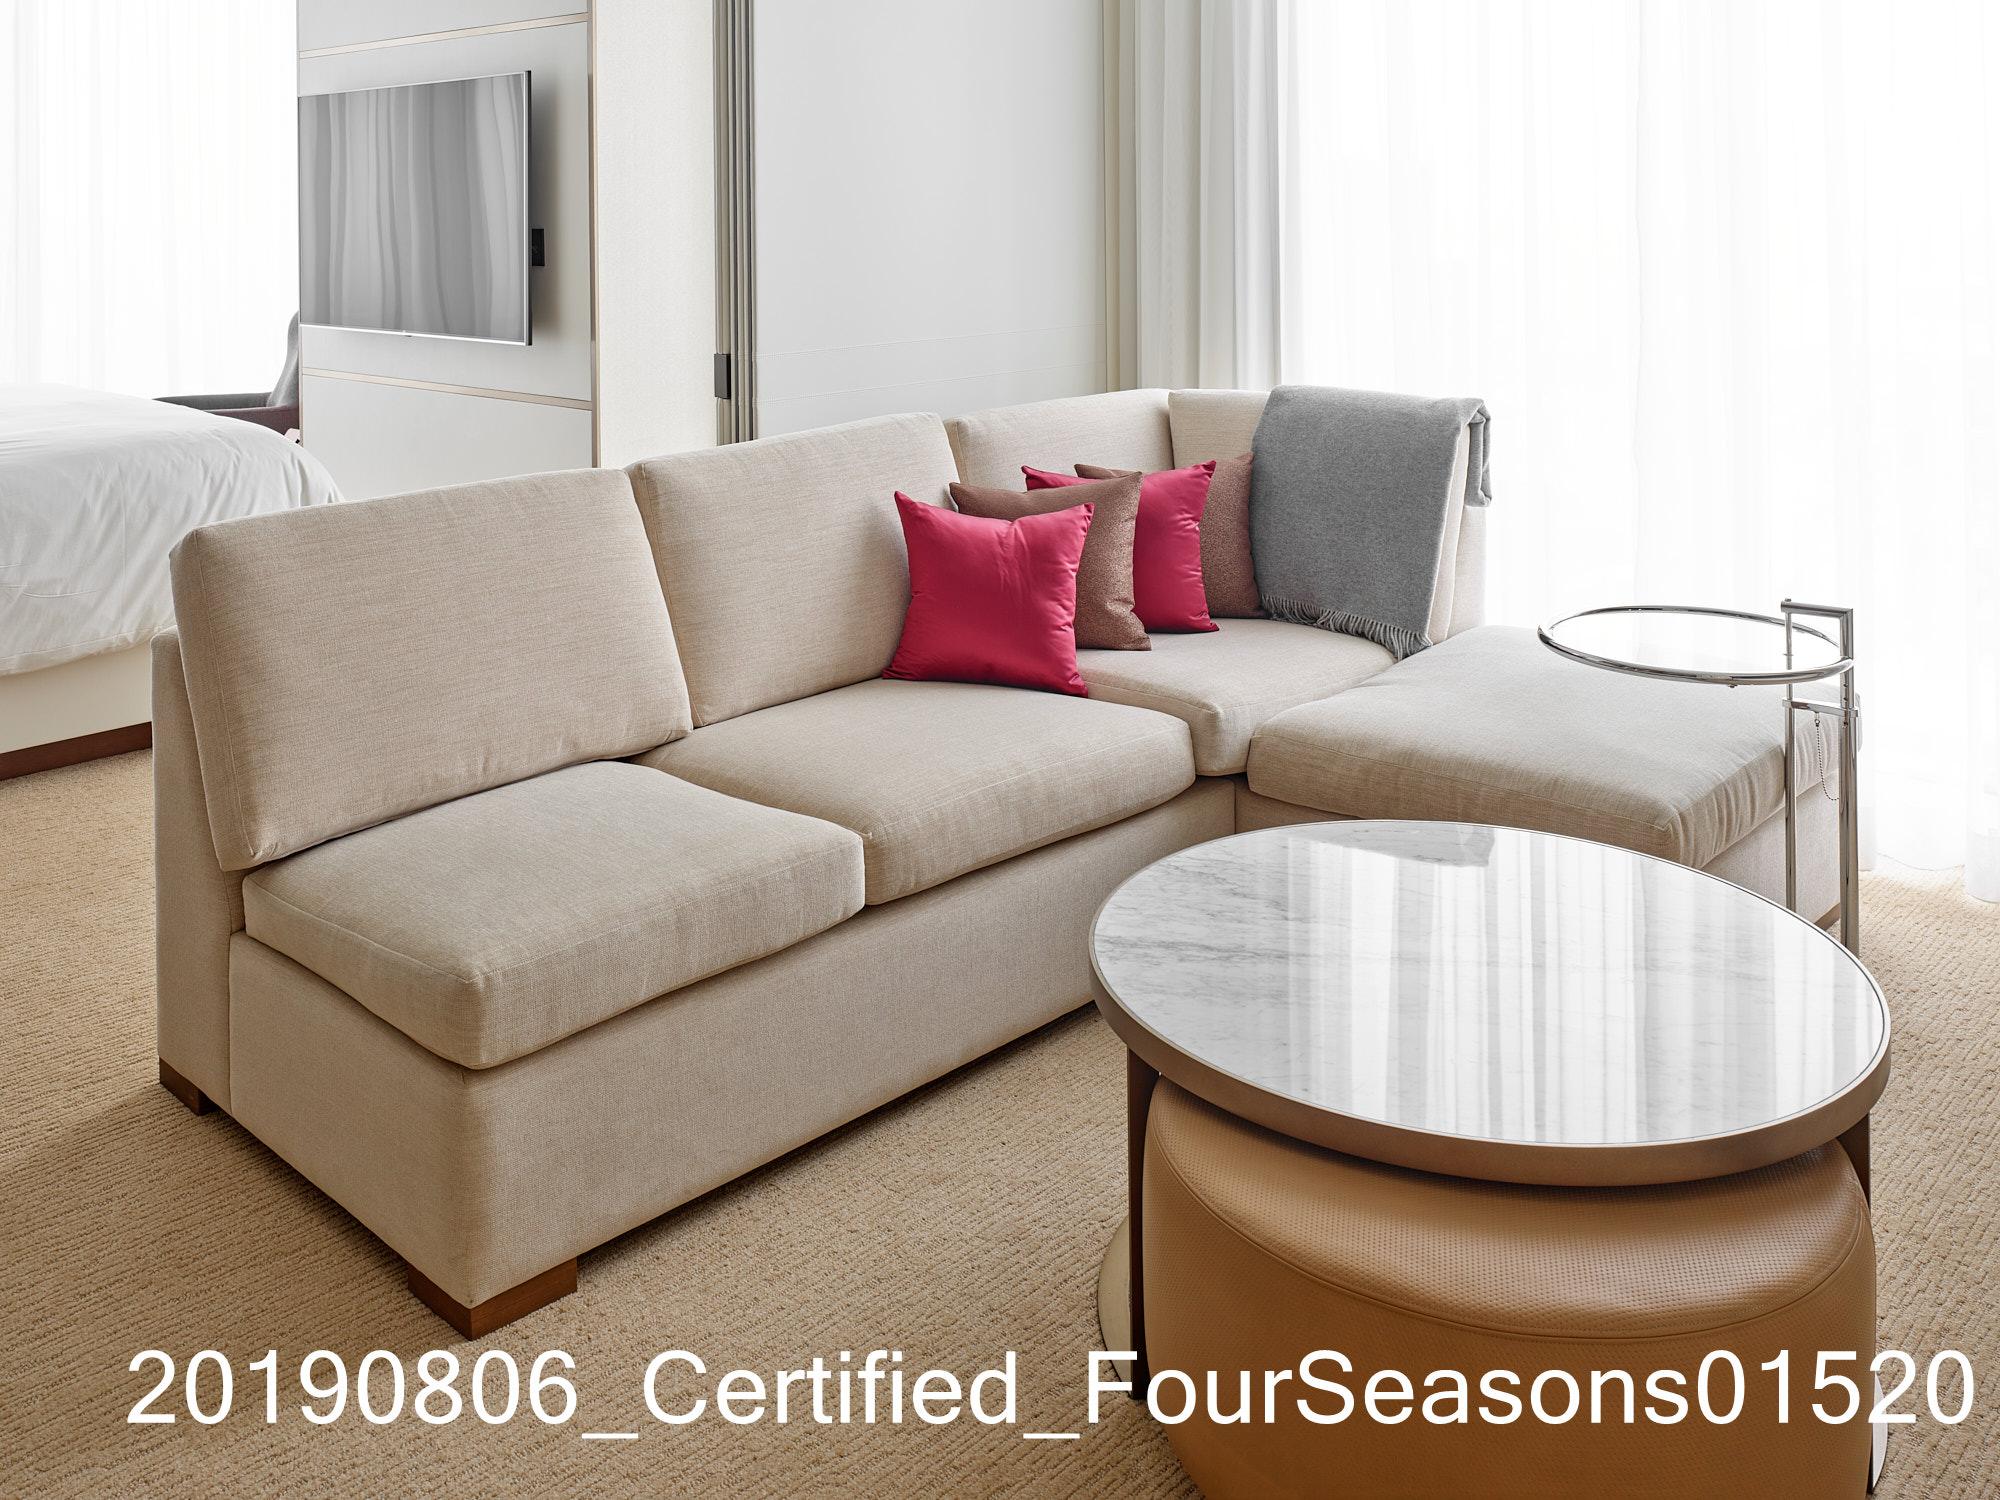 20190806_Certified_FourSeasons01520.jpg